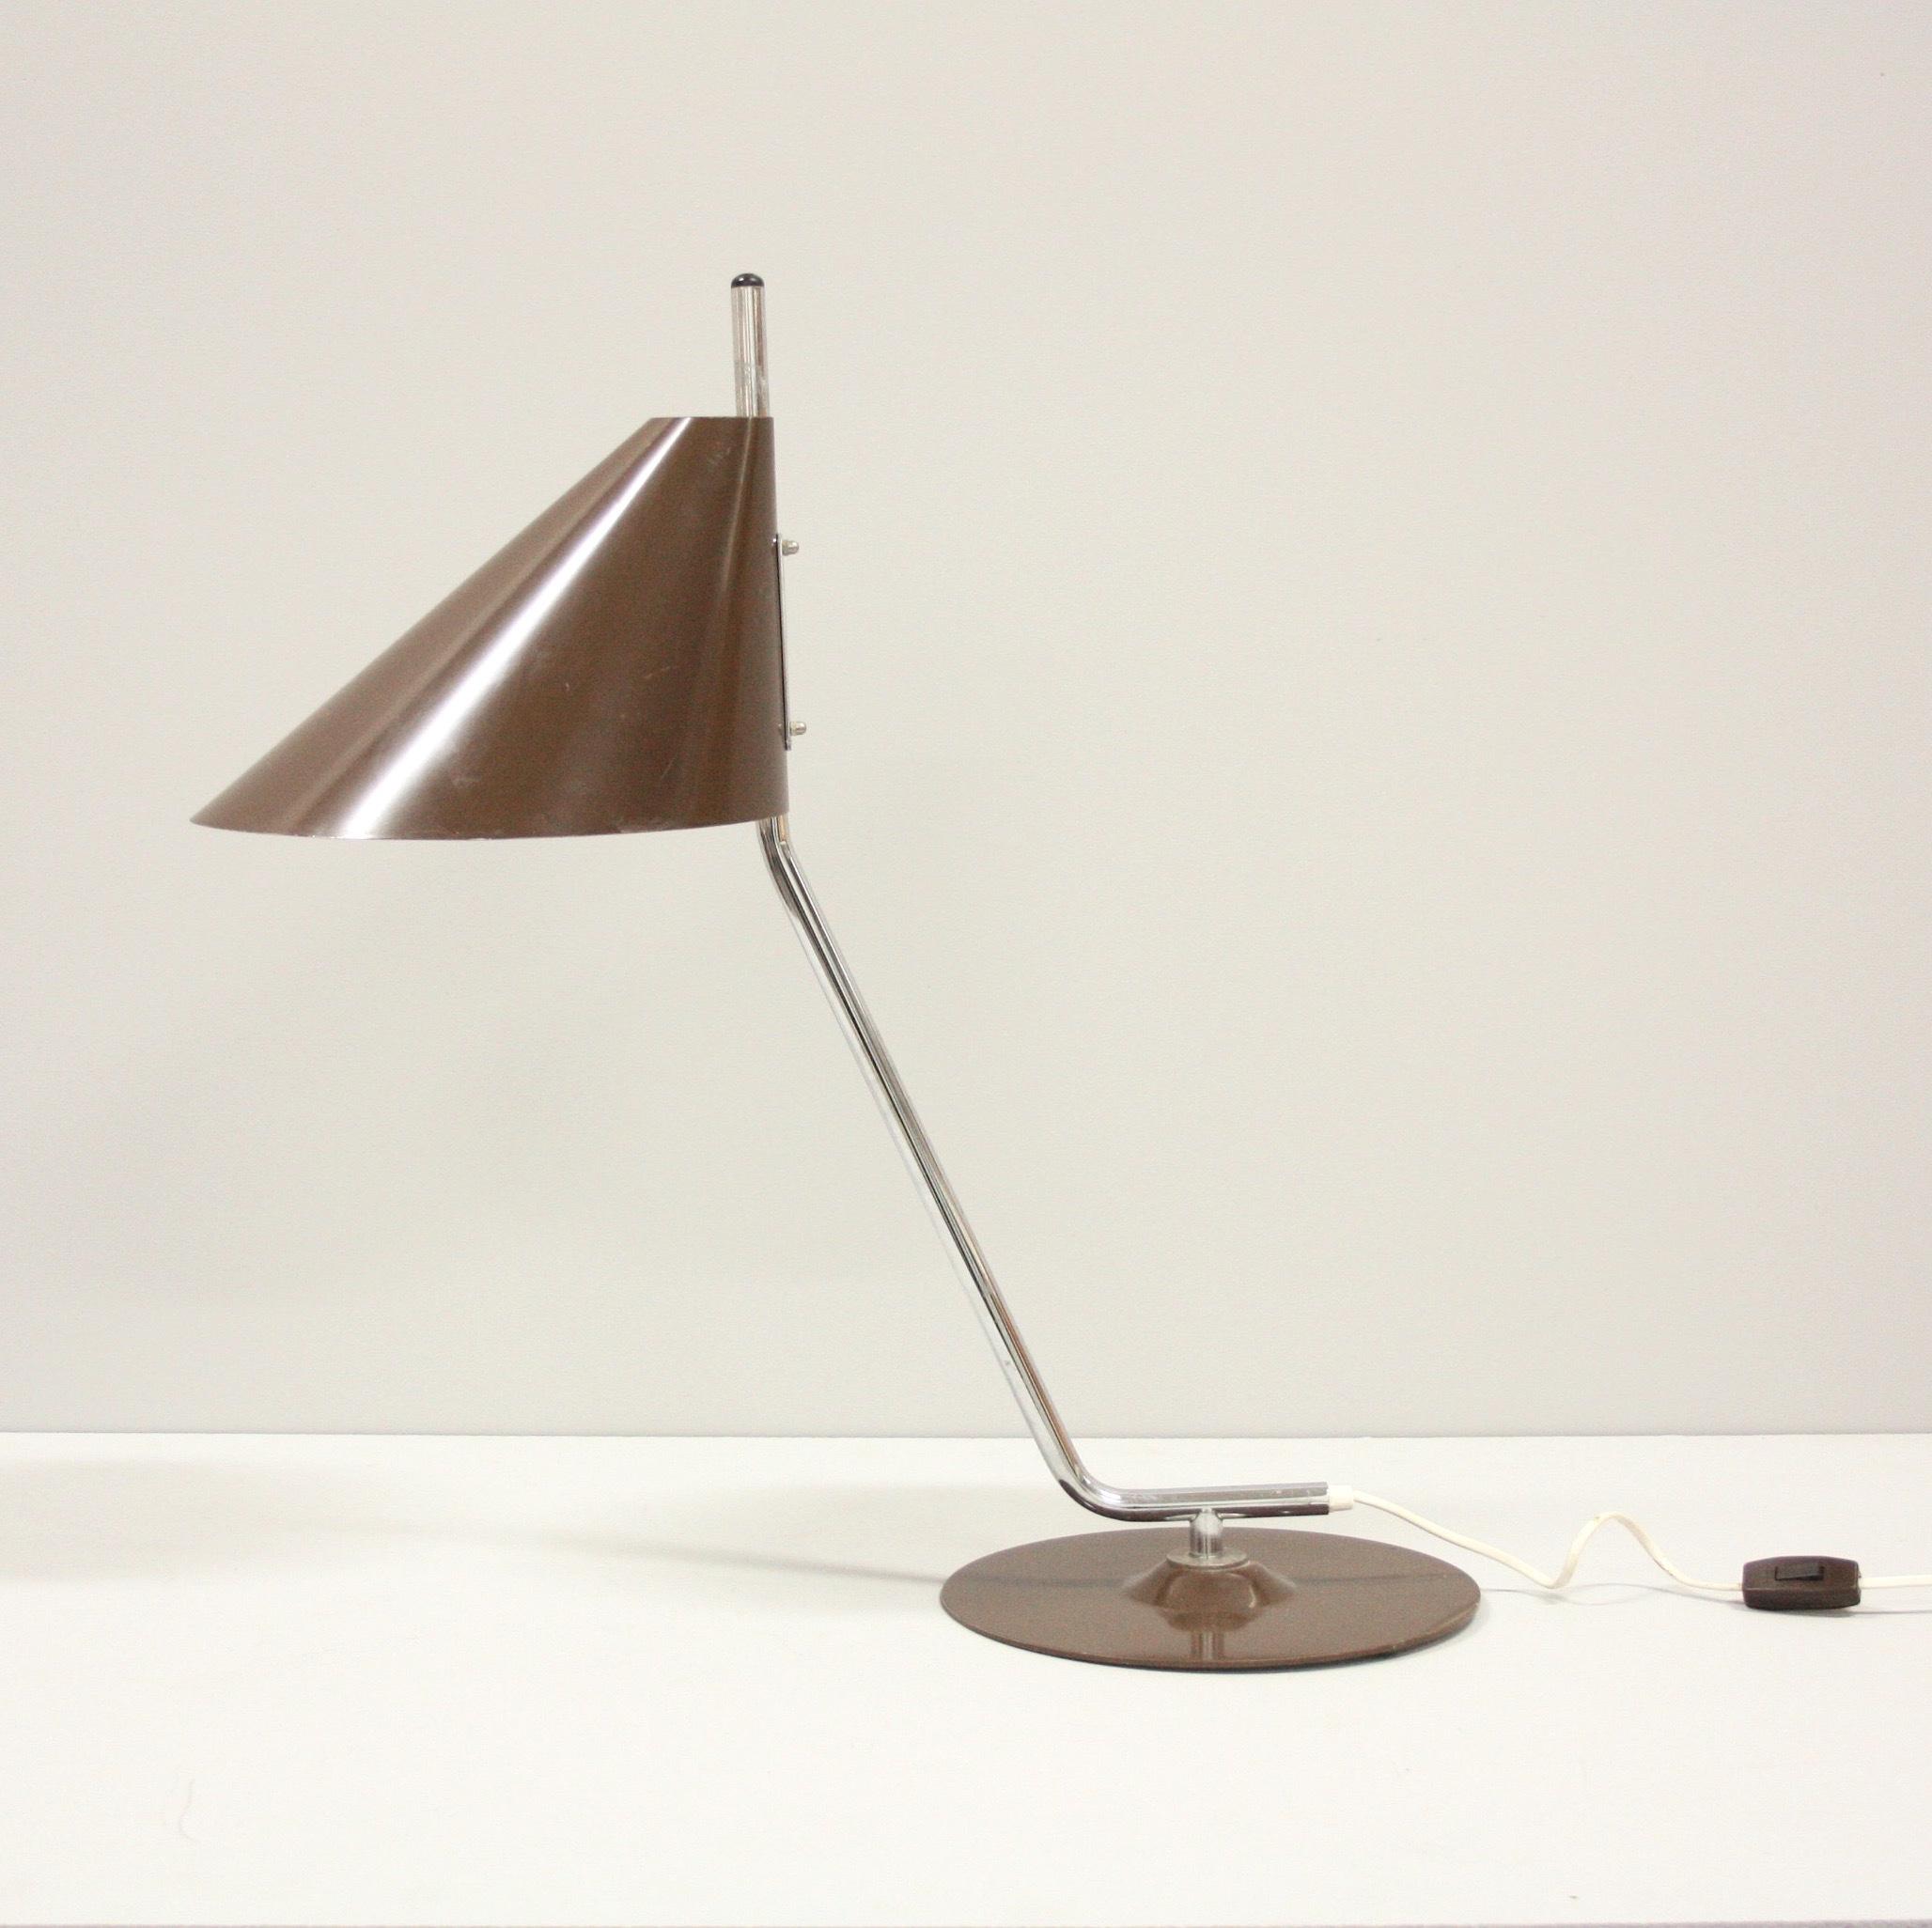 BORDSLAMPA, Hans Agne Jakobsson, modell 260. Belysning